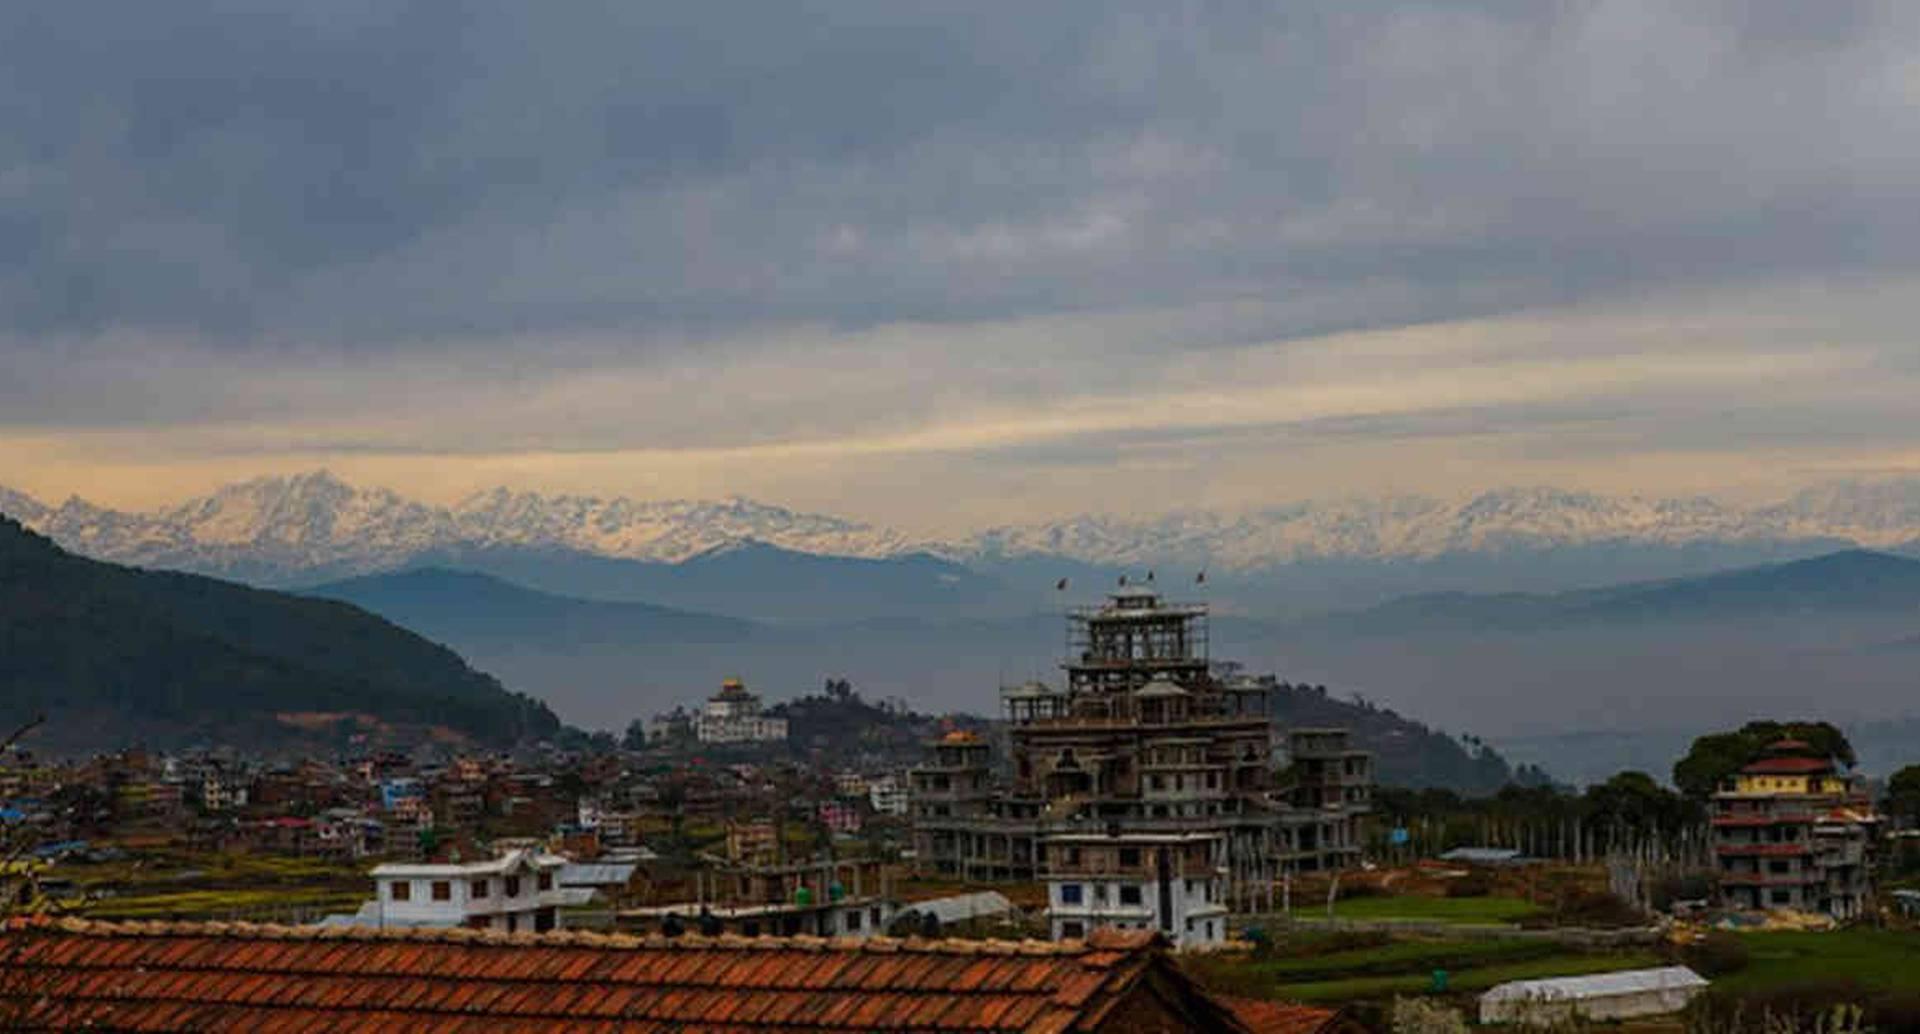 El Himalaya volvió a ser observado después de varias décadas desde algunas ciudades de India ubicadas a más de 200 kilómetros. Foto: Getty Images.